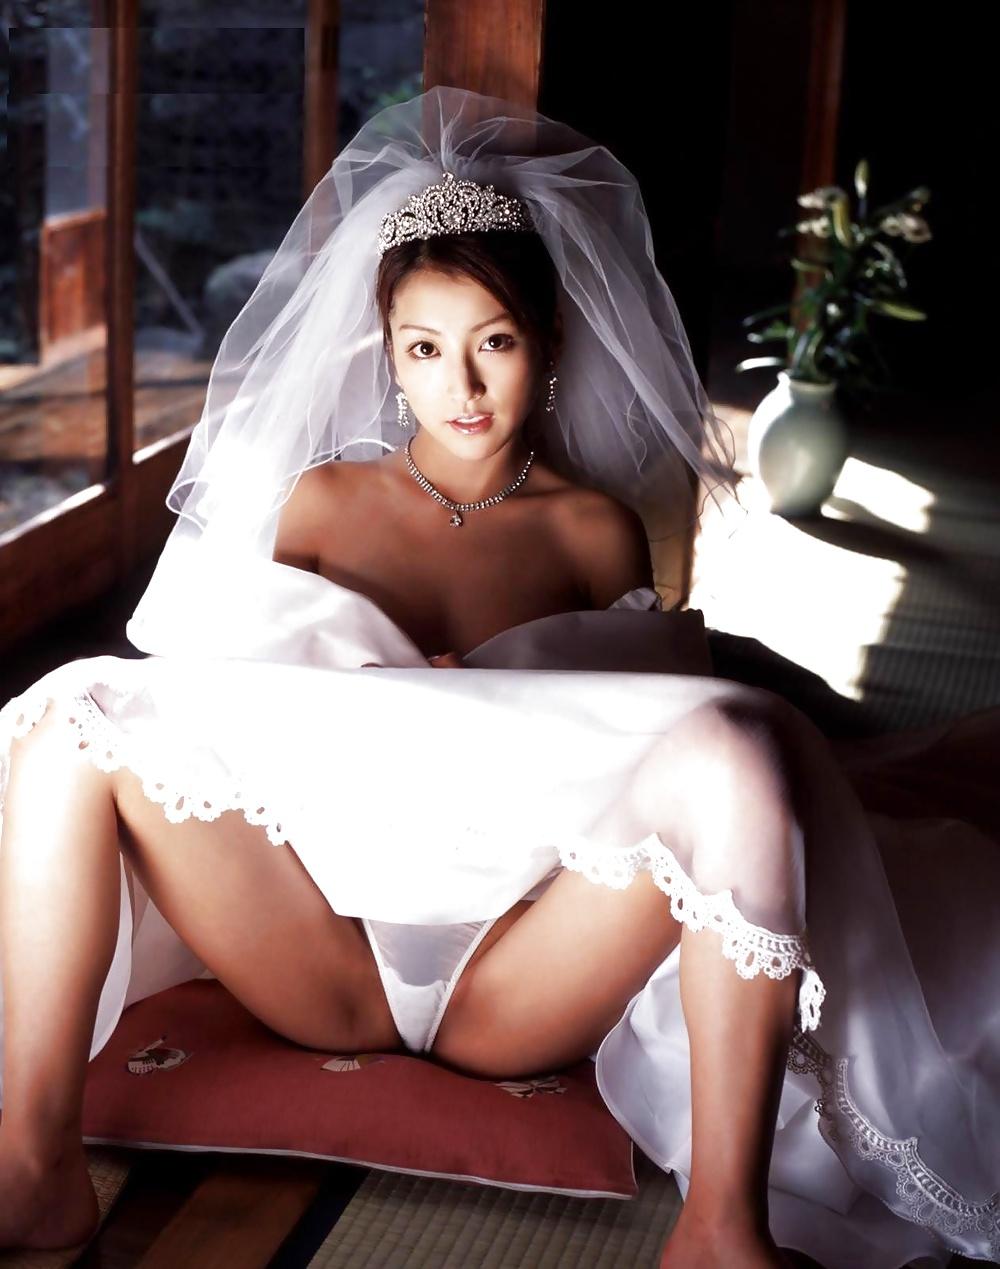 Wedding sex pics, free bride porn thumbs